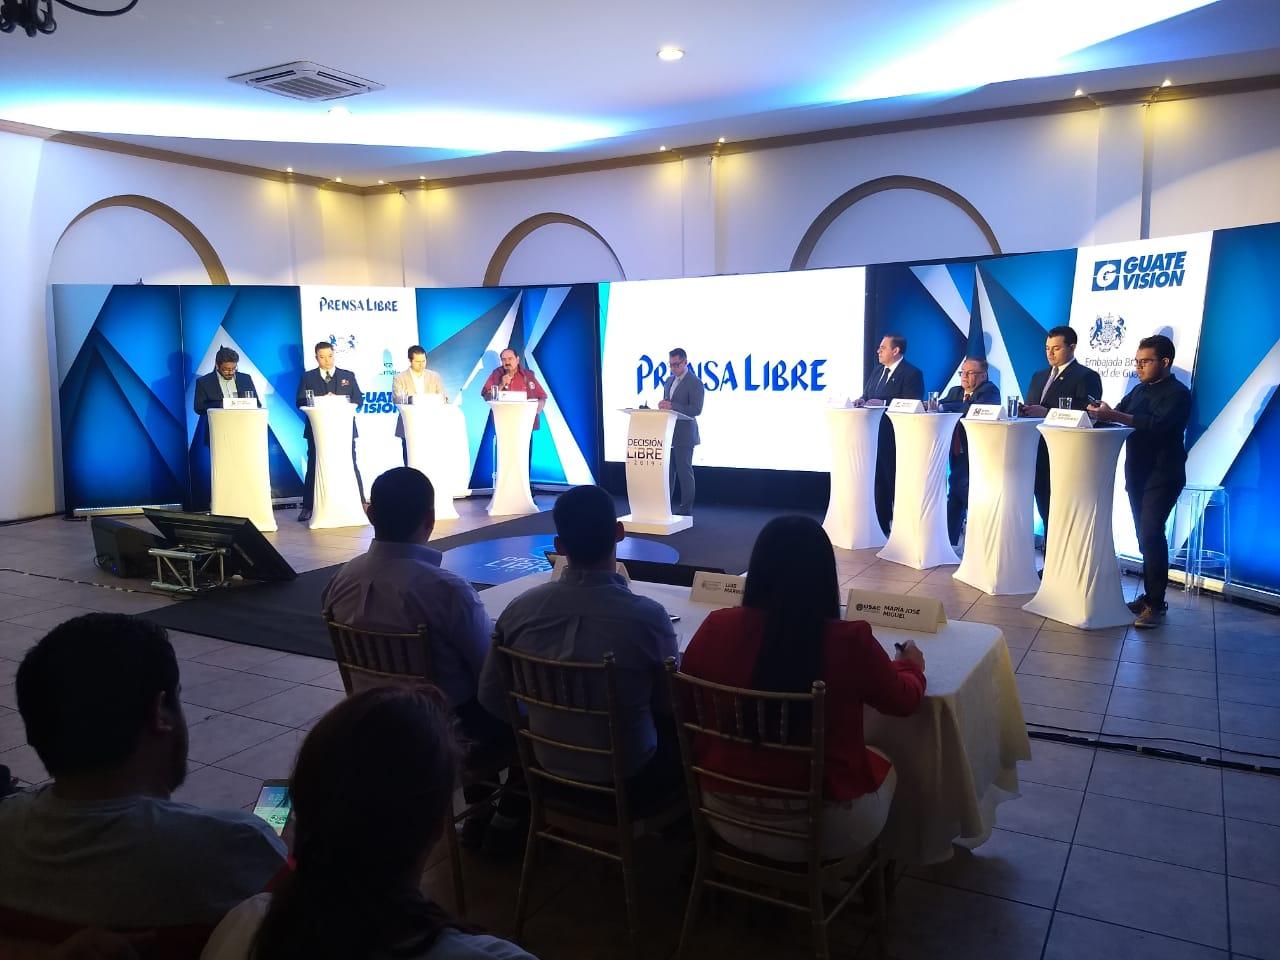 Candidatos a la presidencia que participaron en el primer bloque del foro Decisión Libre.(Prensa Libre: Mario Morales)